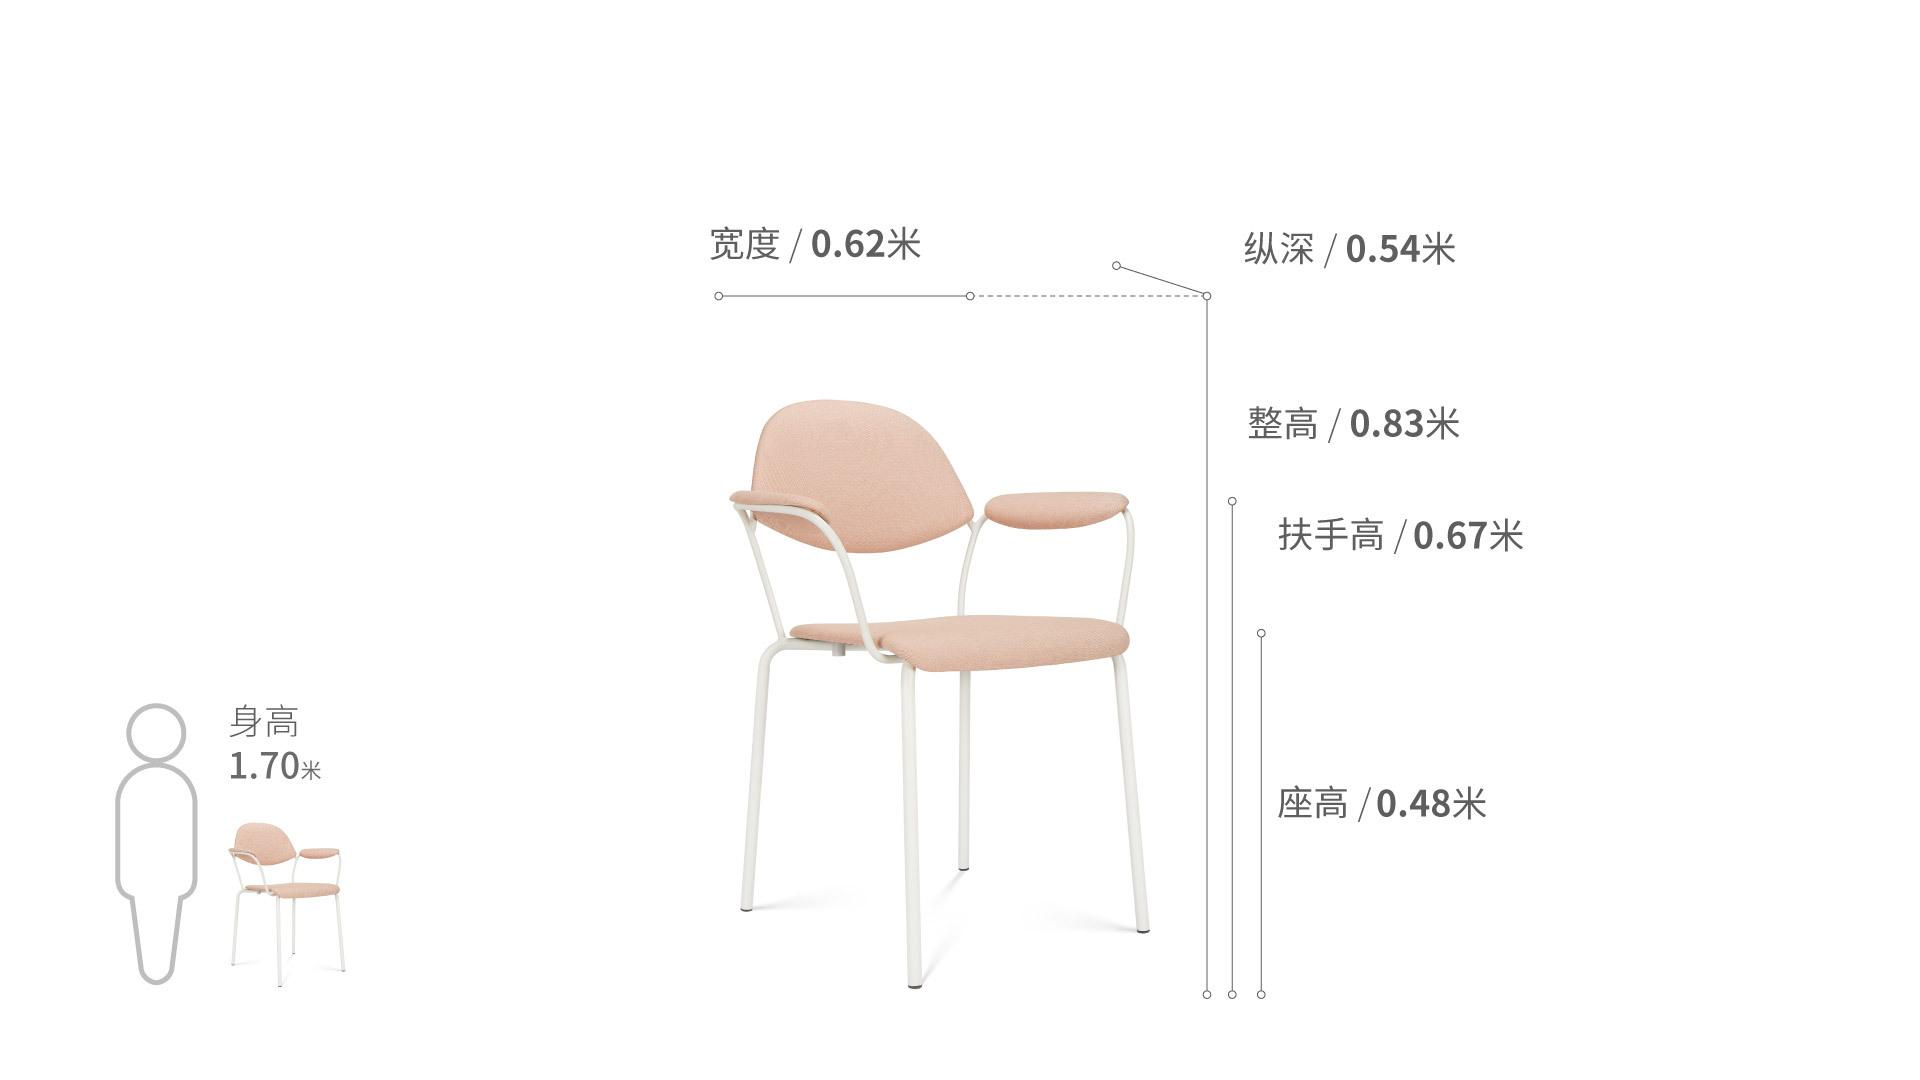 百合软椅椅凳效果图